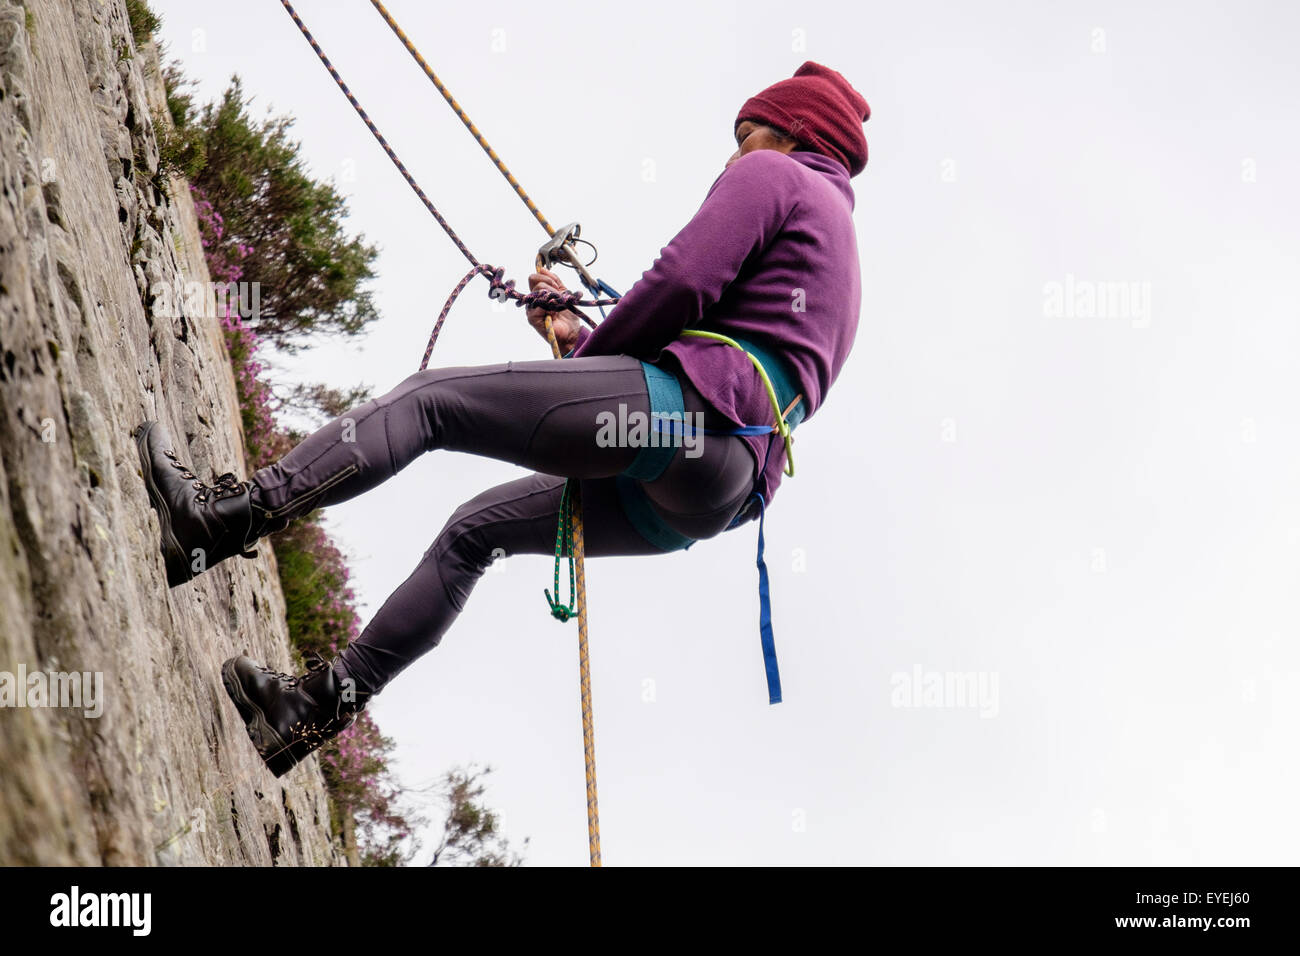 Klettergurt Mit Selbstsicherung : Little boy in klettergurt stehend der turnhalle nähe